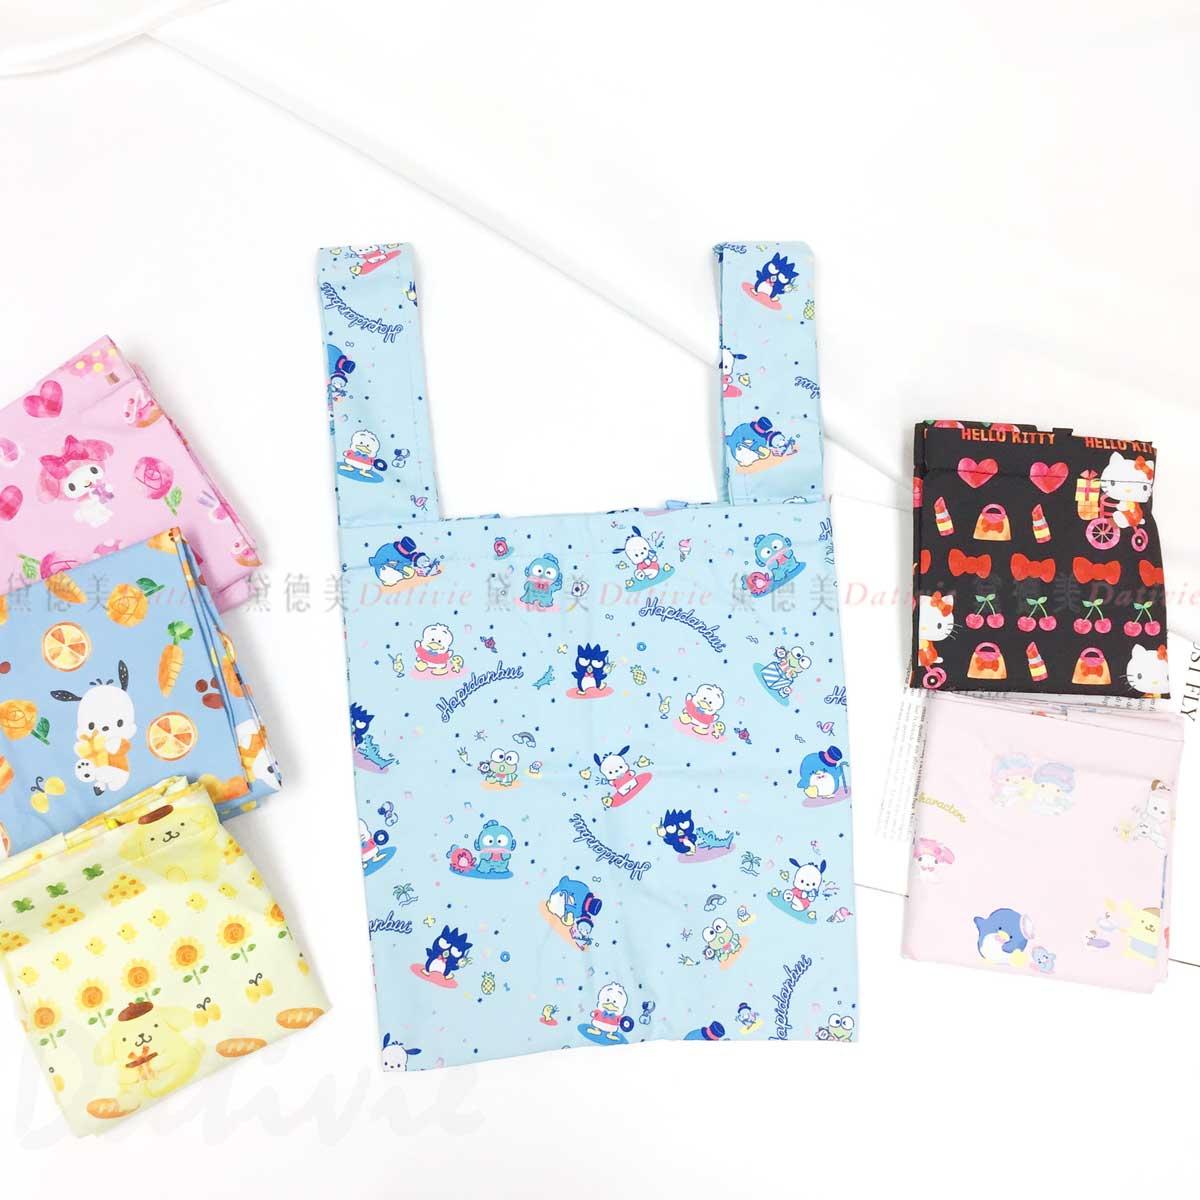 保冷防潑水購物袋-帕洽狗 美樂蒂 布丁狗 凱蒂貓 角色集合 三麗鷗 Sanrio 日本進口正版授權